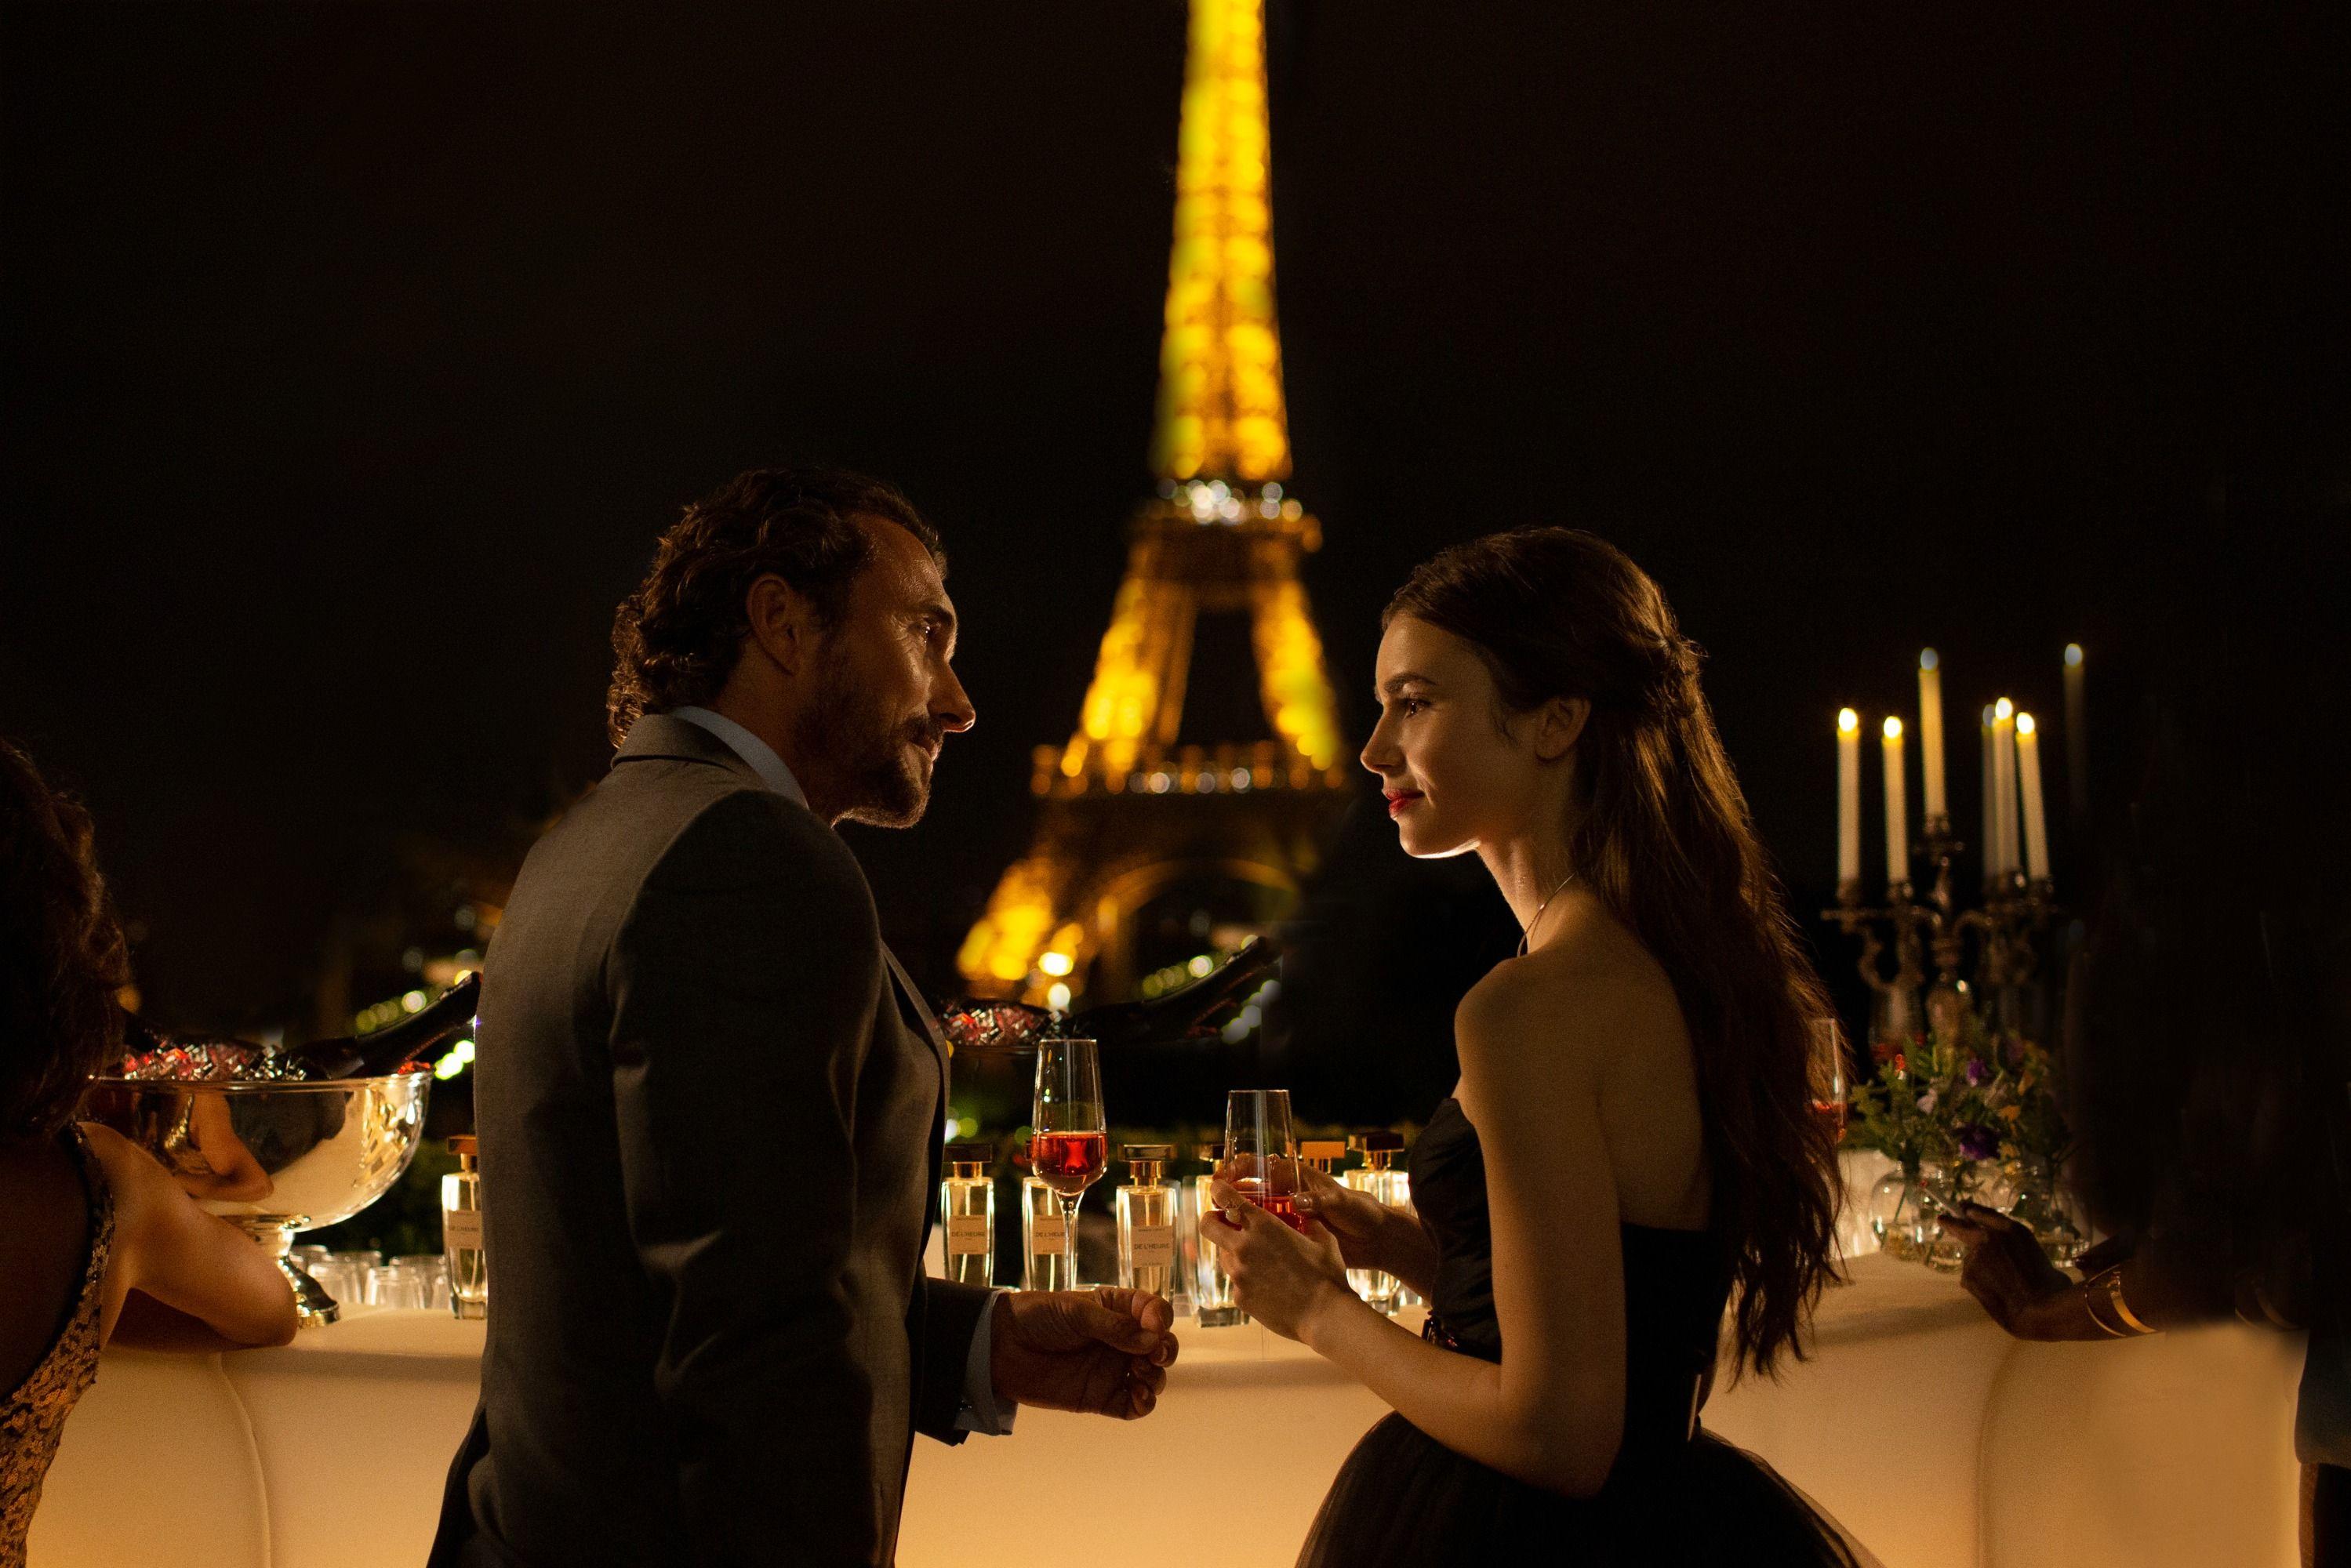 Emily in Paris Season 2 Promotes William Abadie to Series Regular, Adds Lucien Laviscount to Netflix Cast